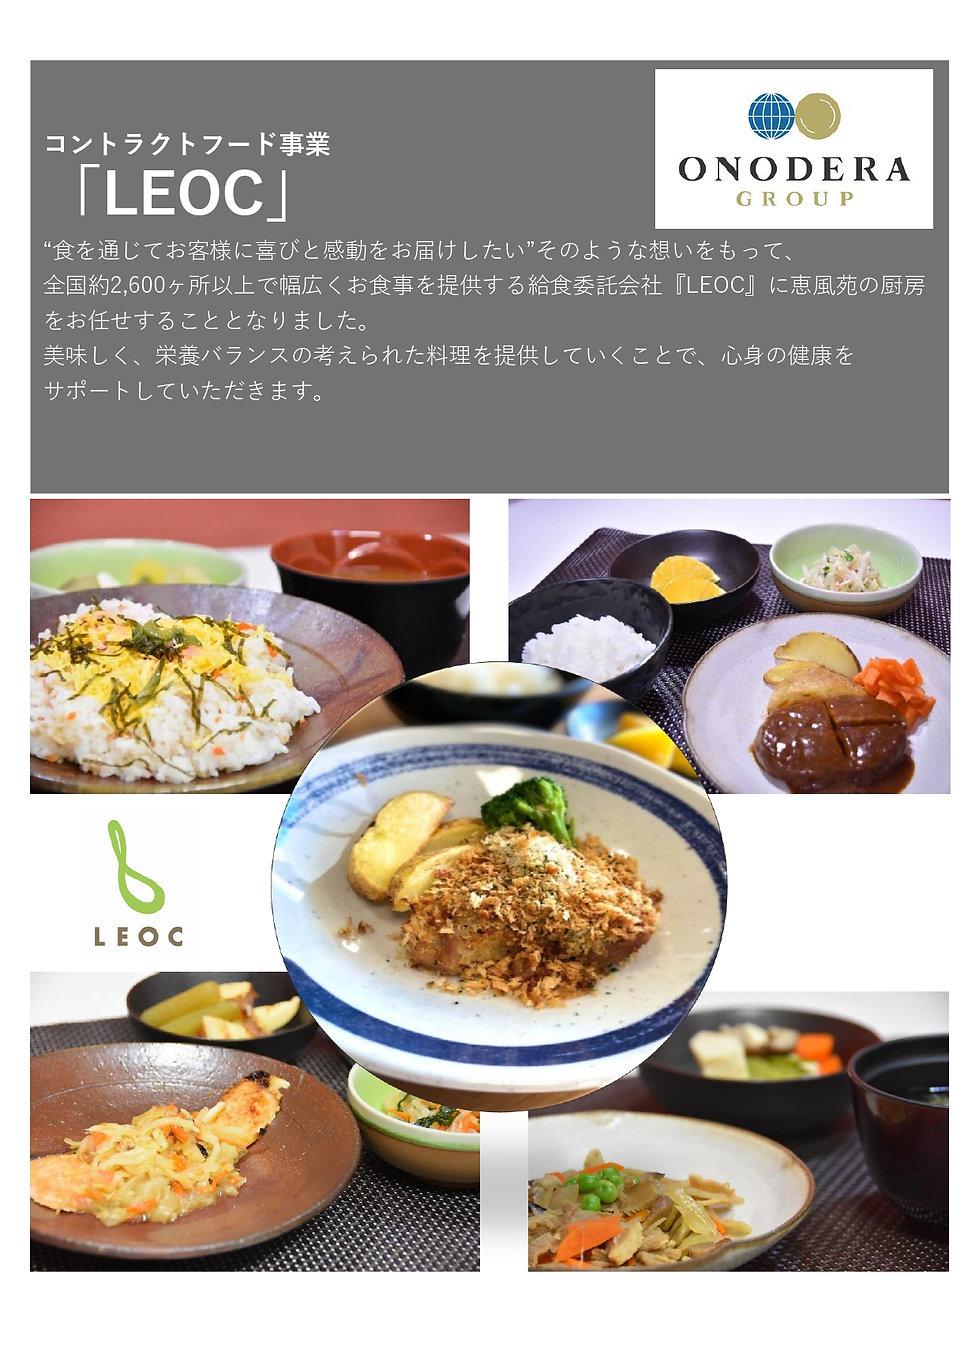 LEOC告知(修正)_JPG1.jpg